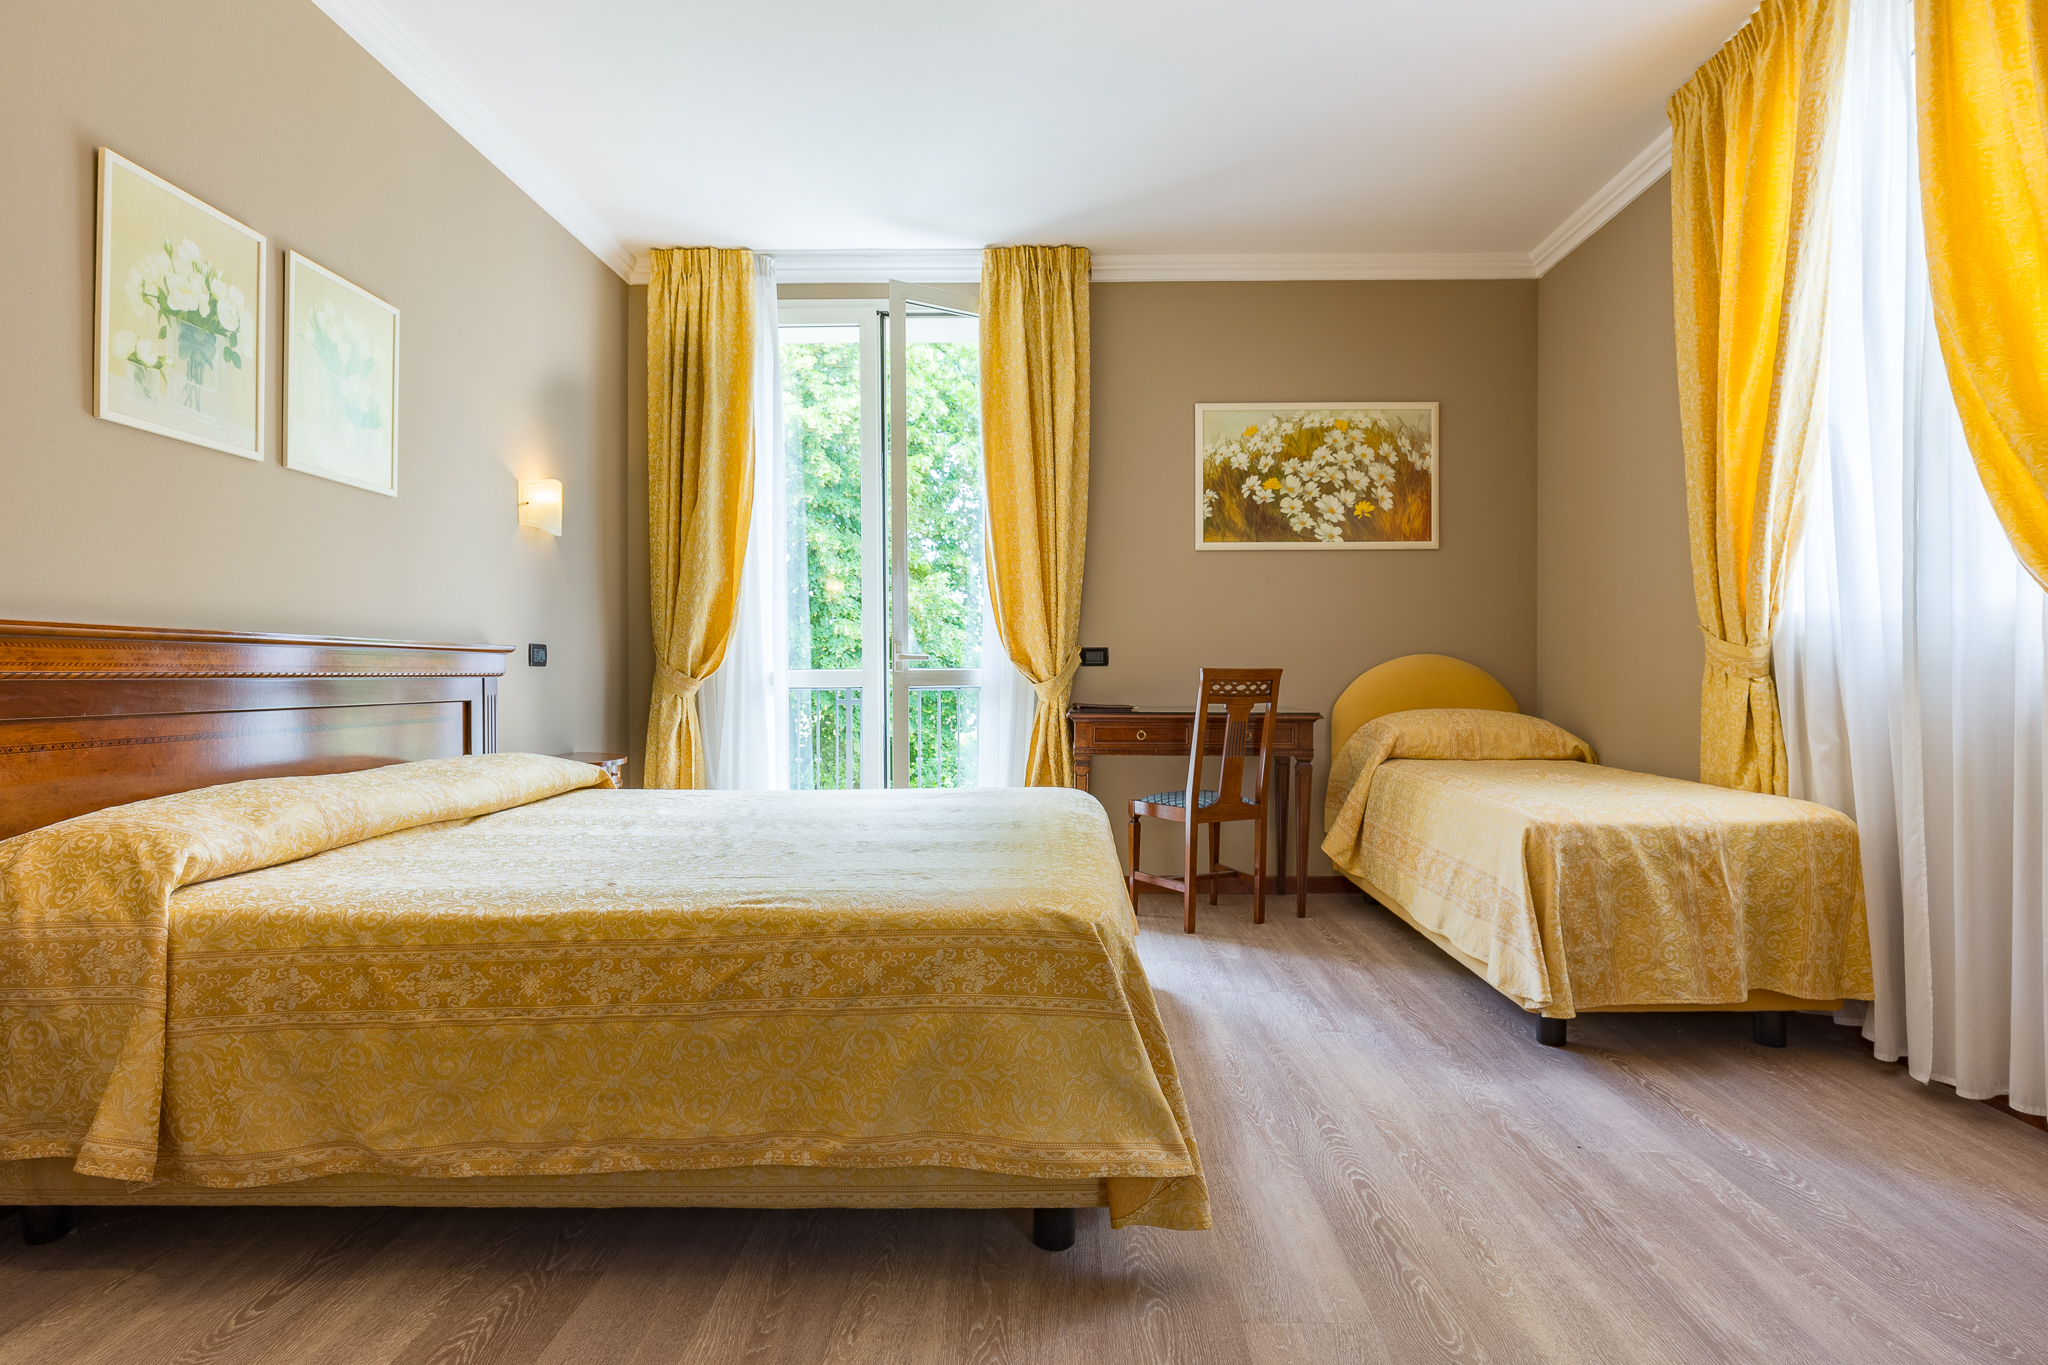 hotel_castello-9281-HDR-79